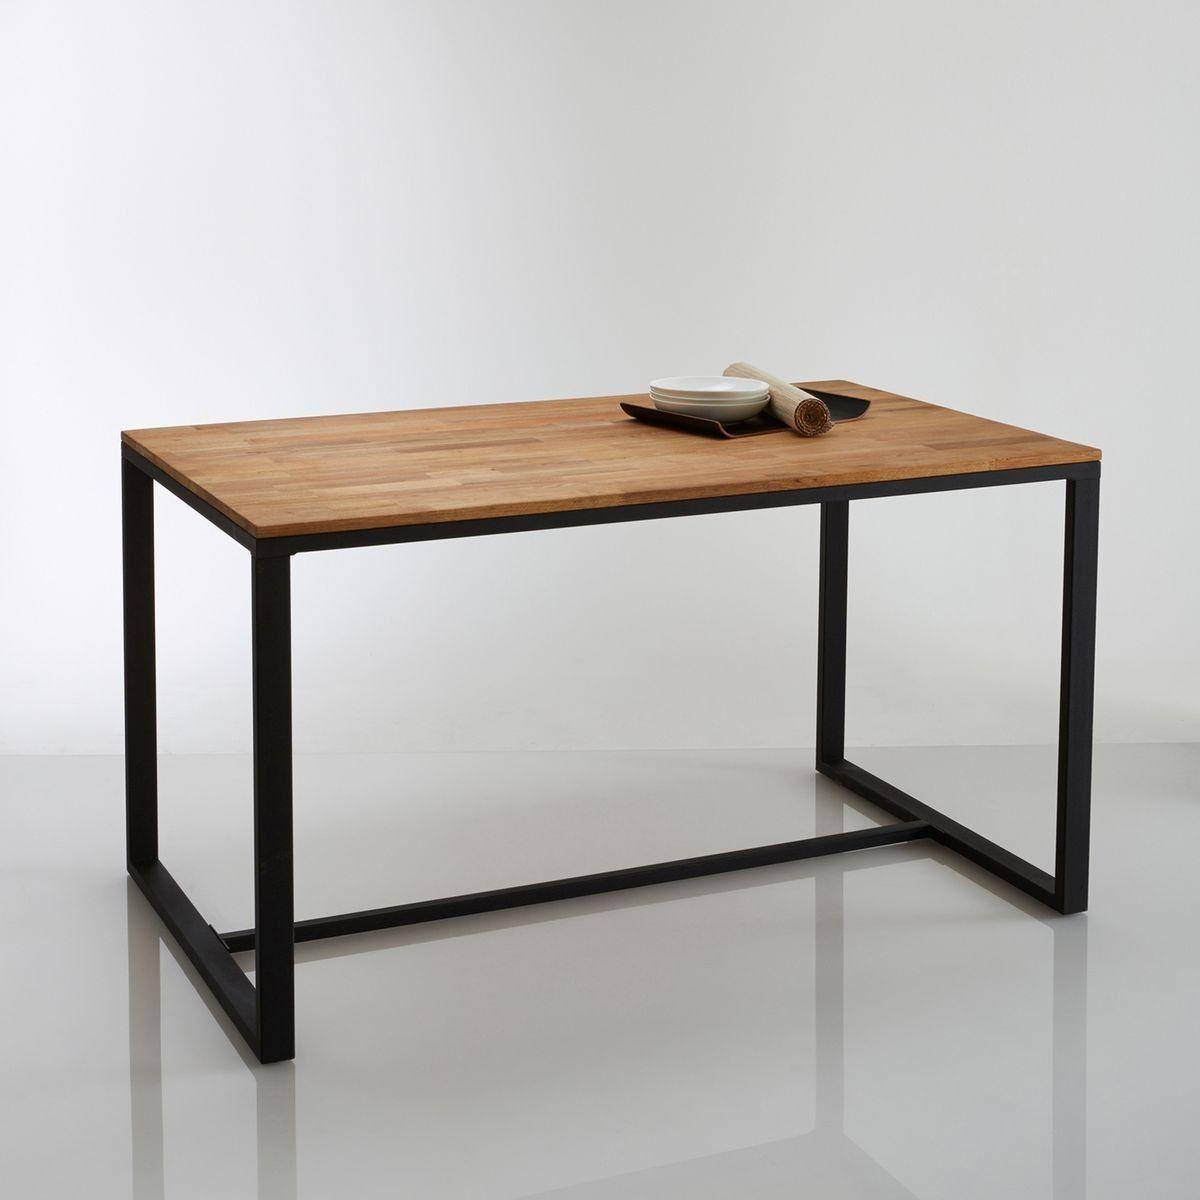 Table Fixe Rectangulaire 6 A 8 Couverts Malu Mobilier De Salon Decoration Maison Mobilier Design